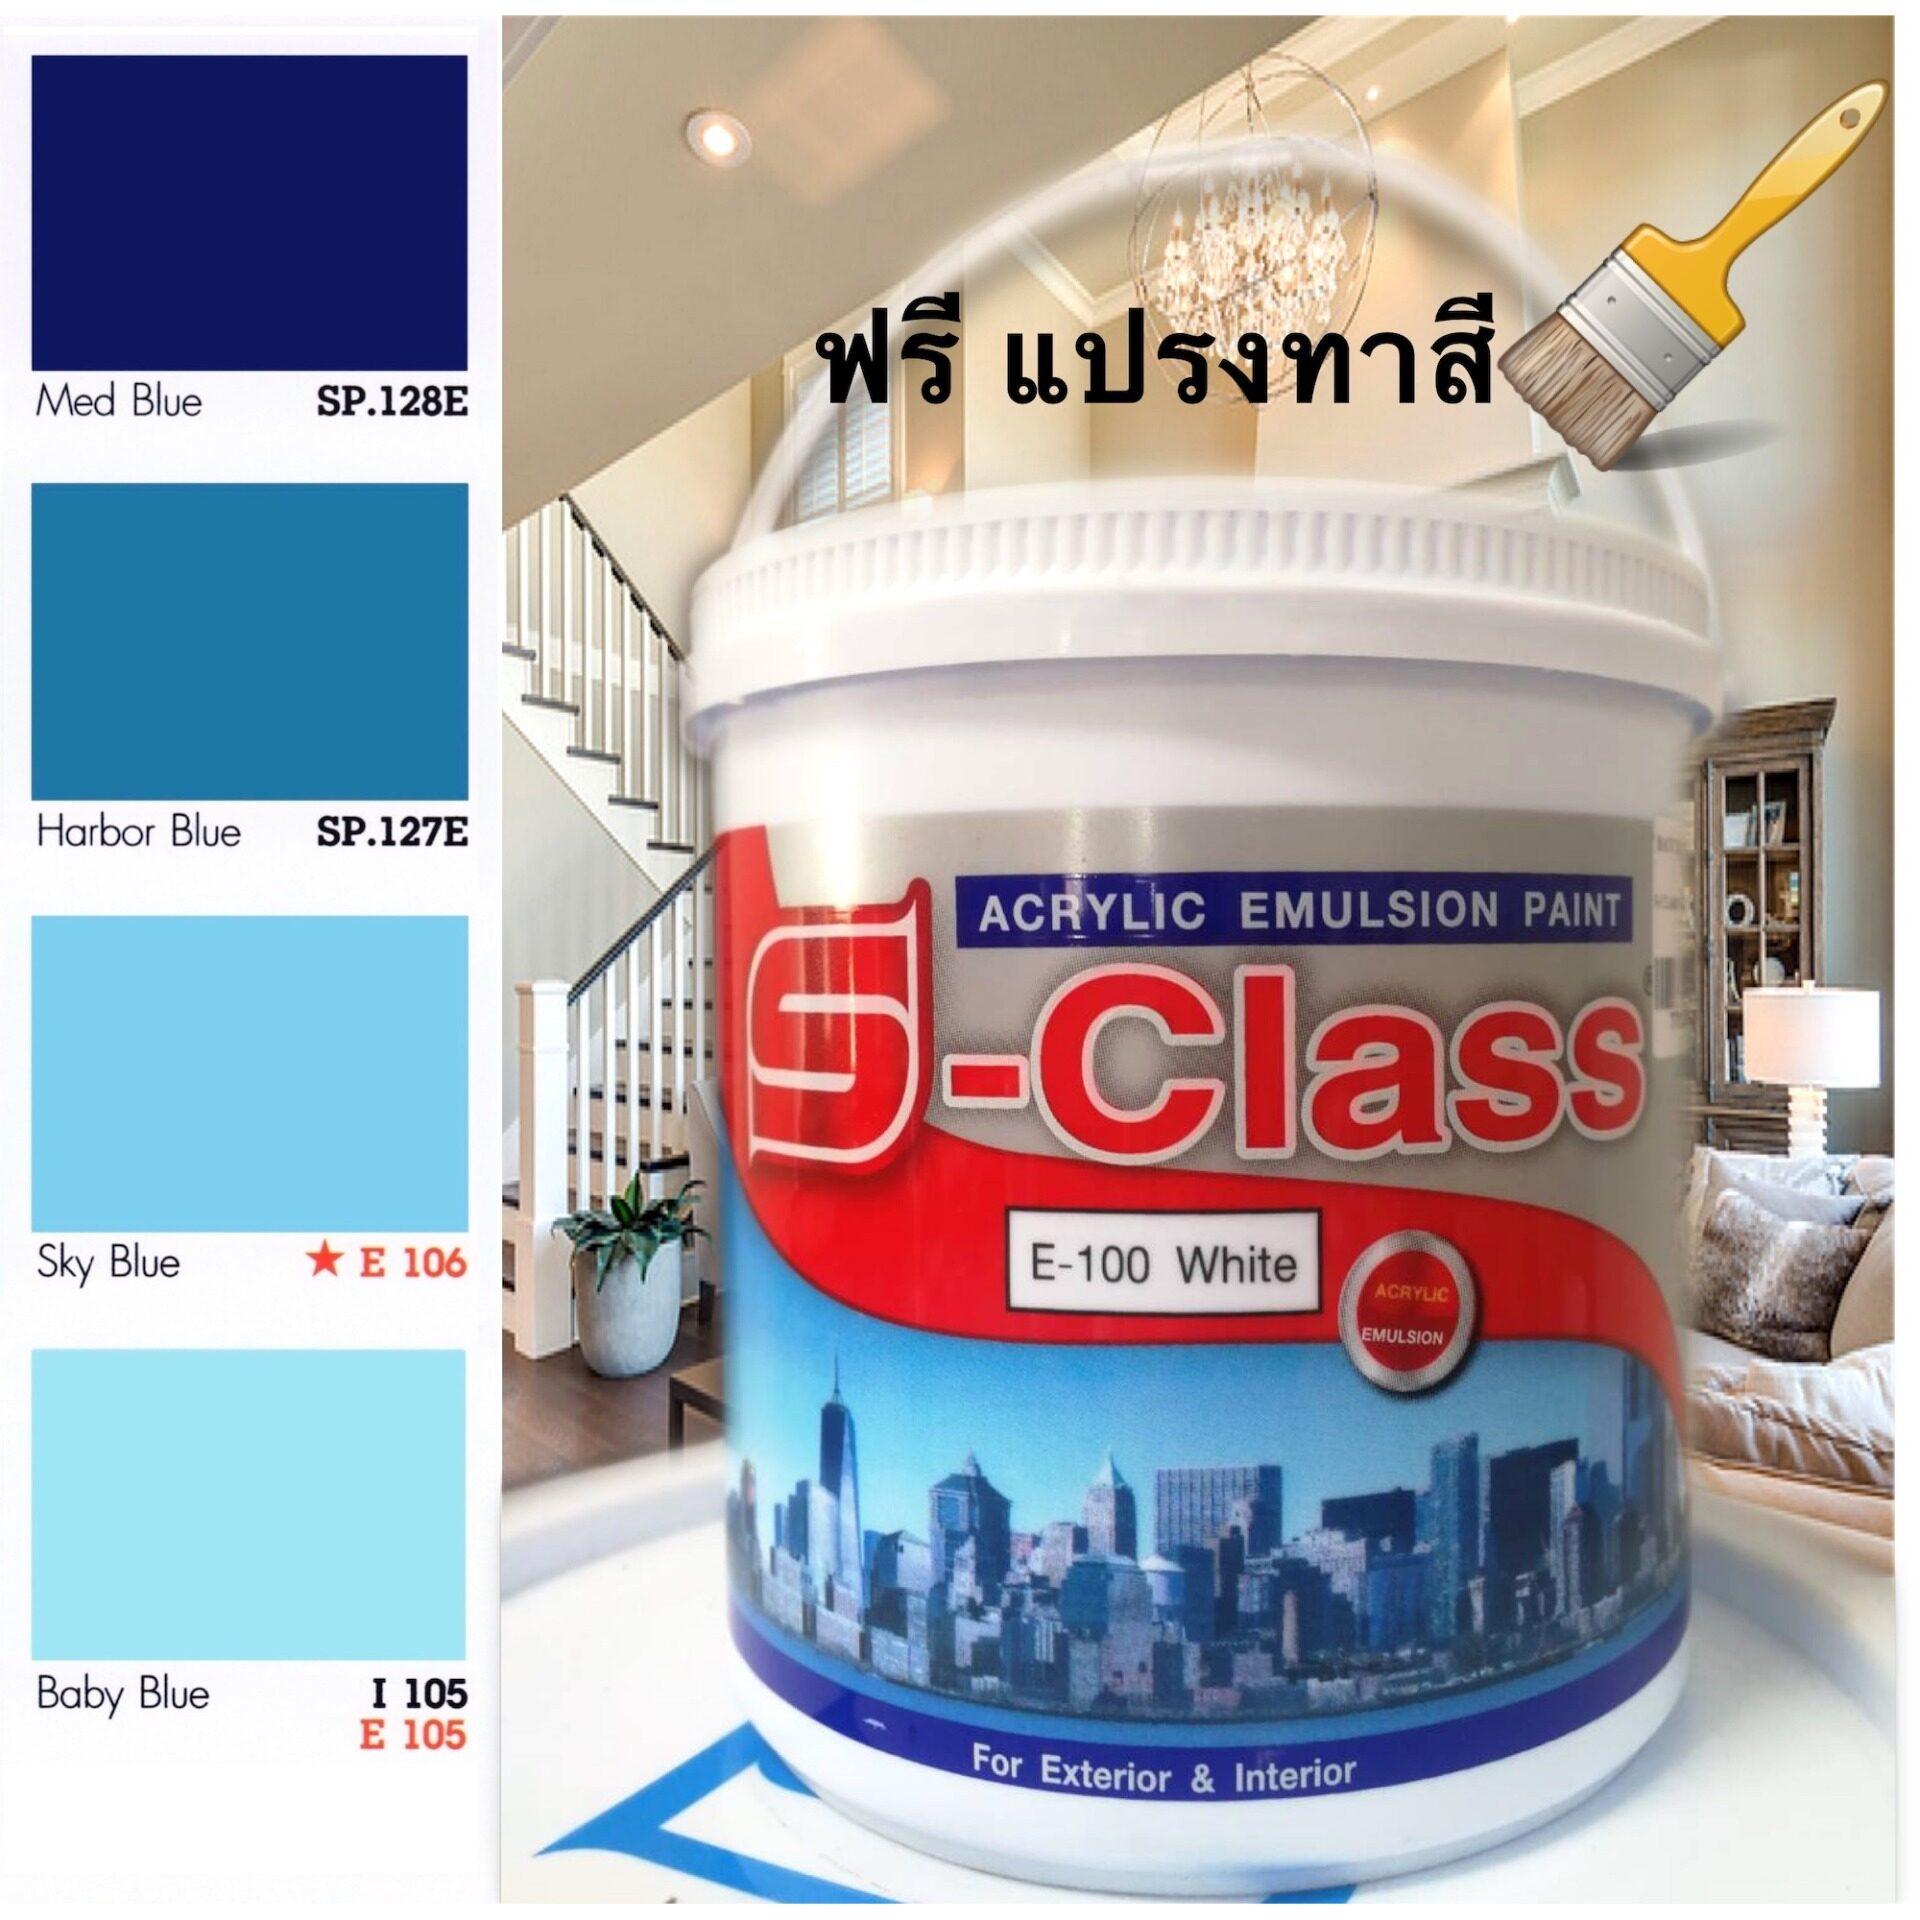 สีน้ำอะคริลิคทาภายนอกและภายใน เฉดโทนสีฟ้า สีน้ำเงิน เอสคลาส ขนาด แกลลอน (3.5 ลิตร)